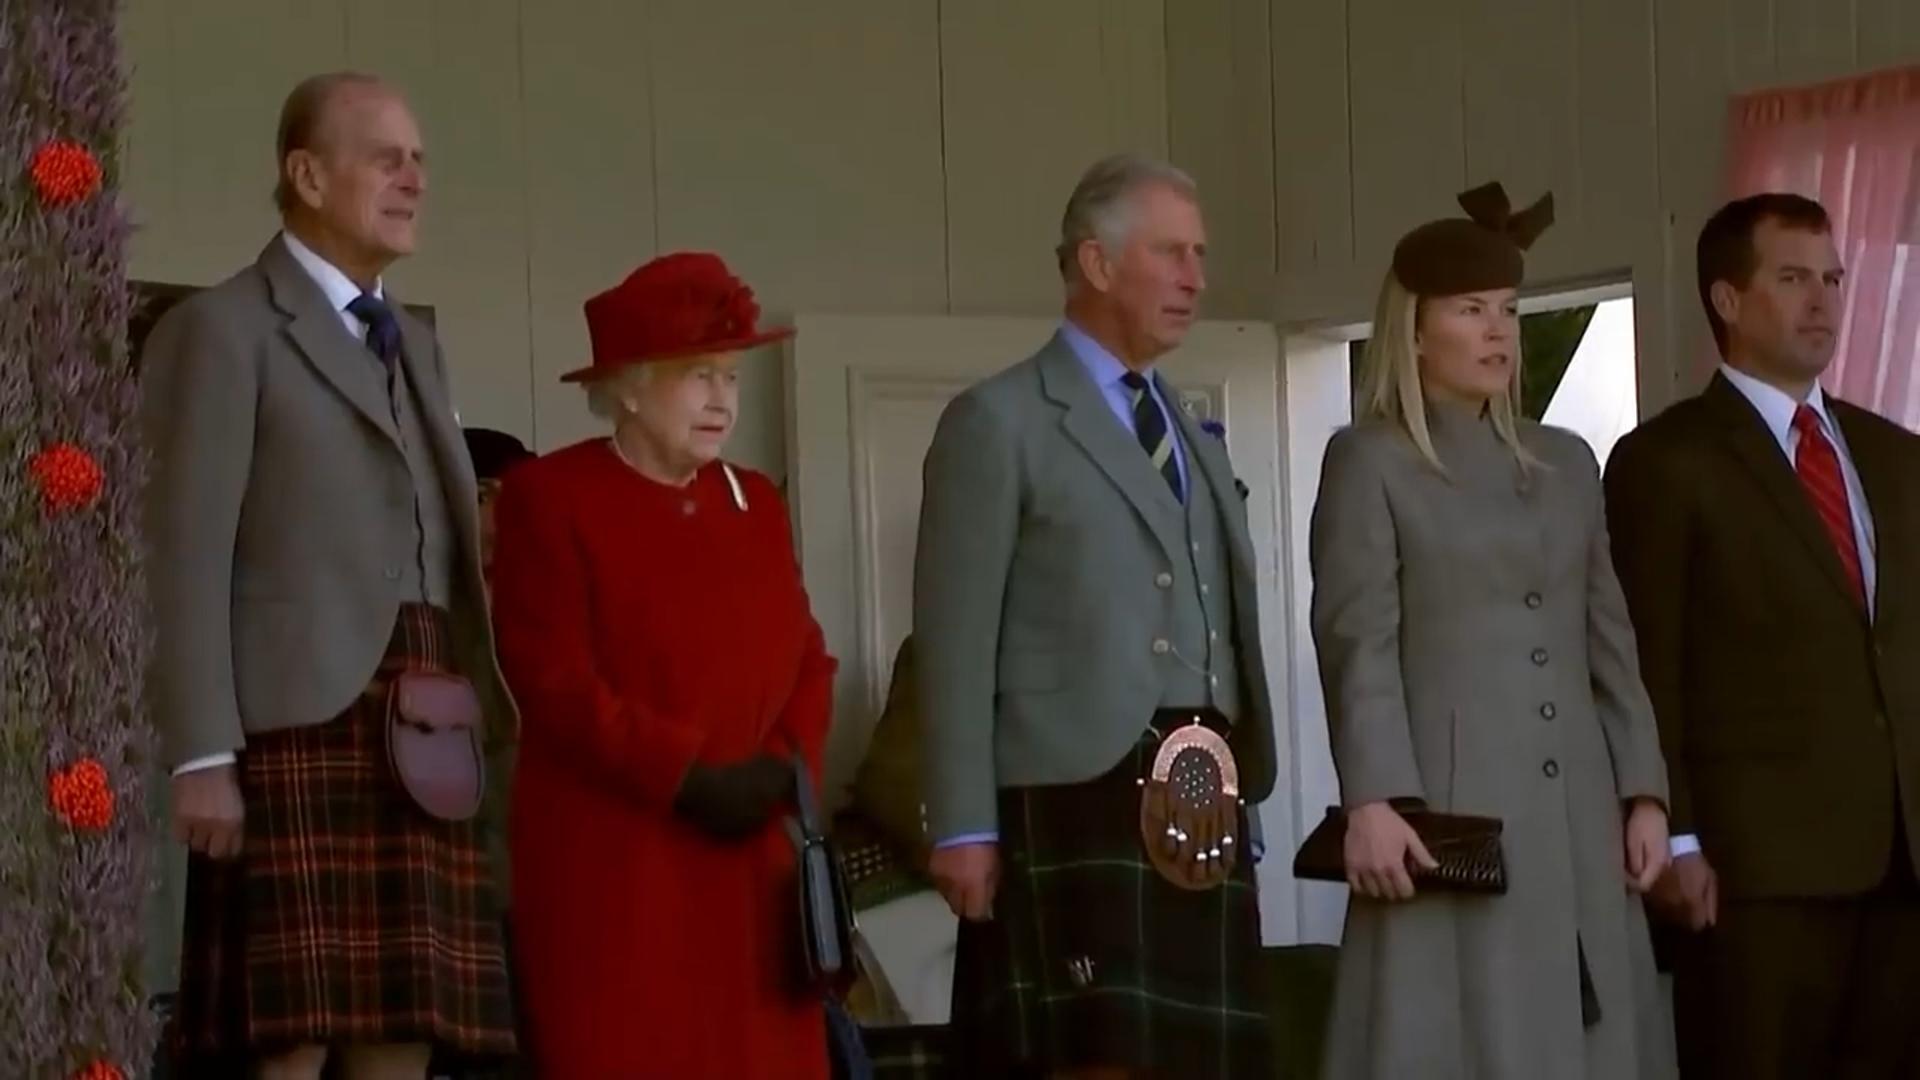 觀光客不來英國 皇室少賺24億台幣